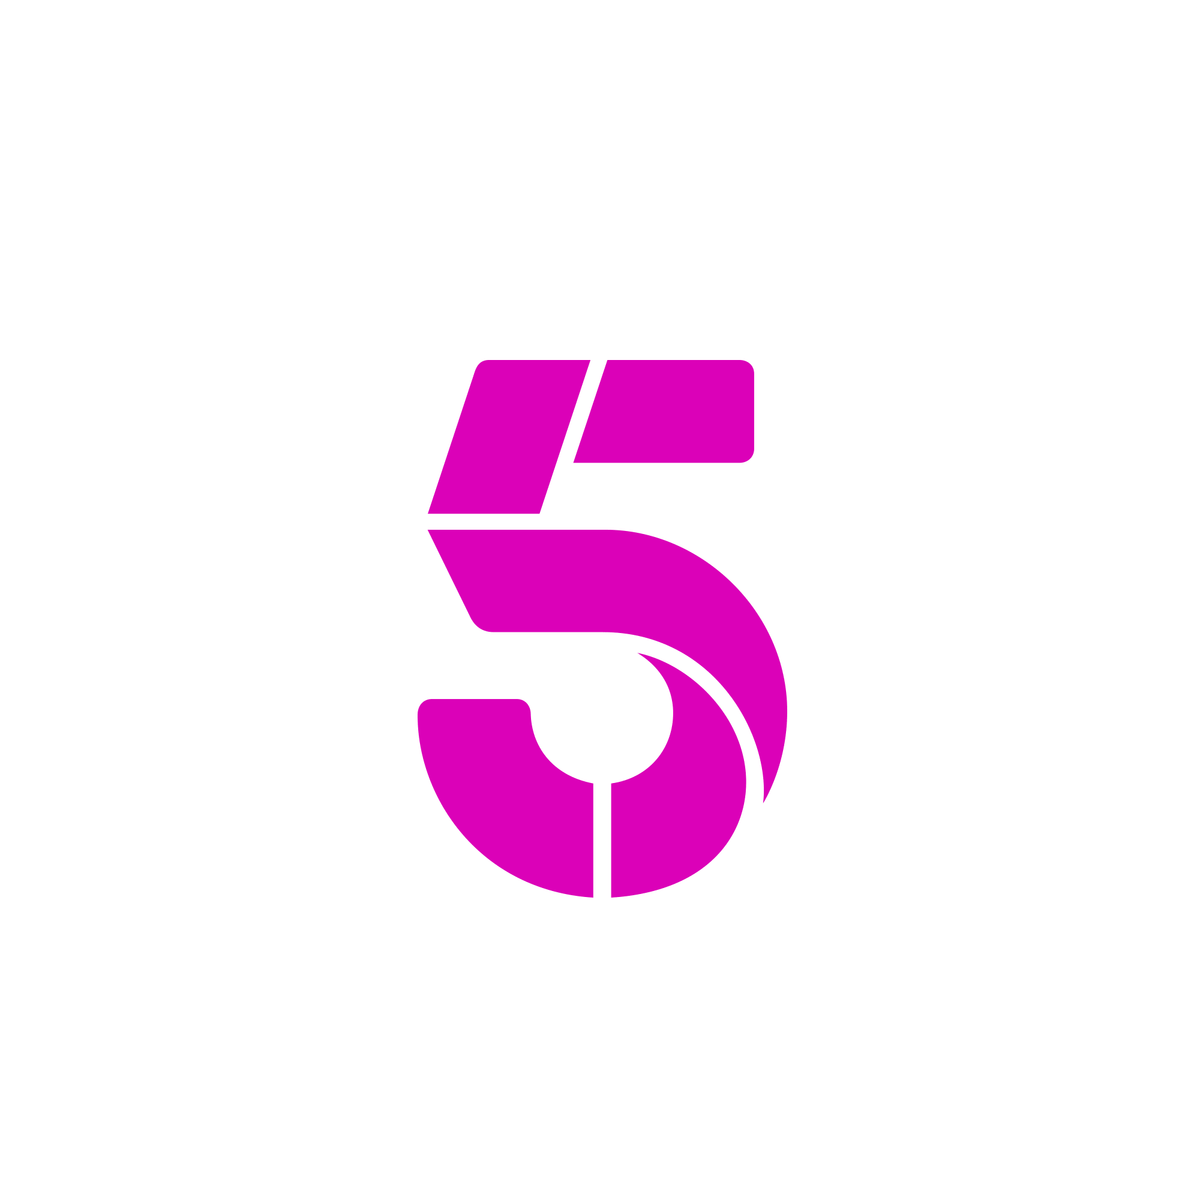 Channel 5 Svg Logo Logo Number Number 5 Life Logo